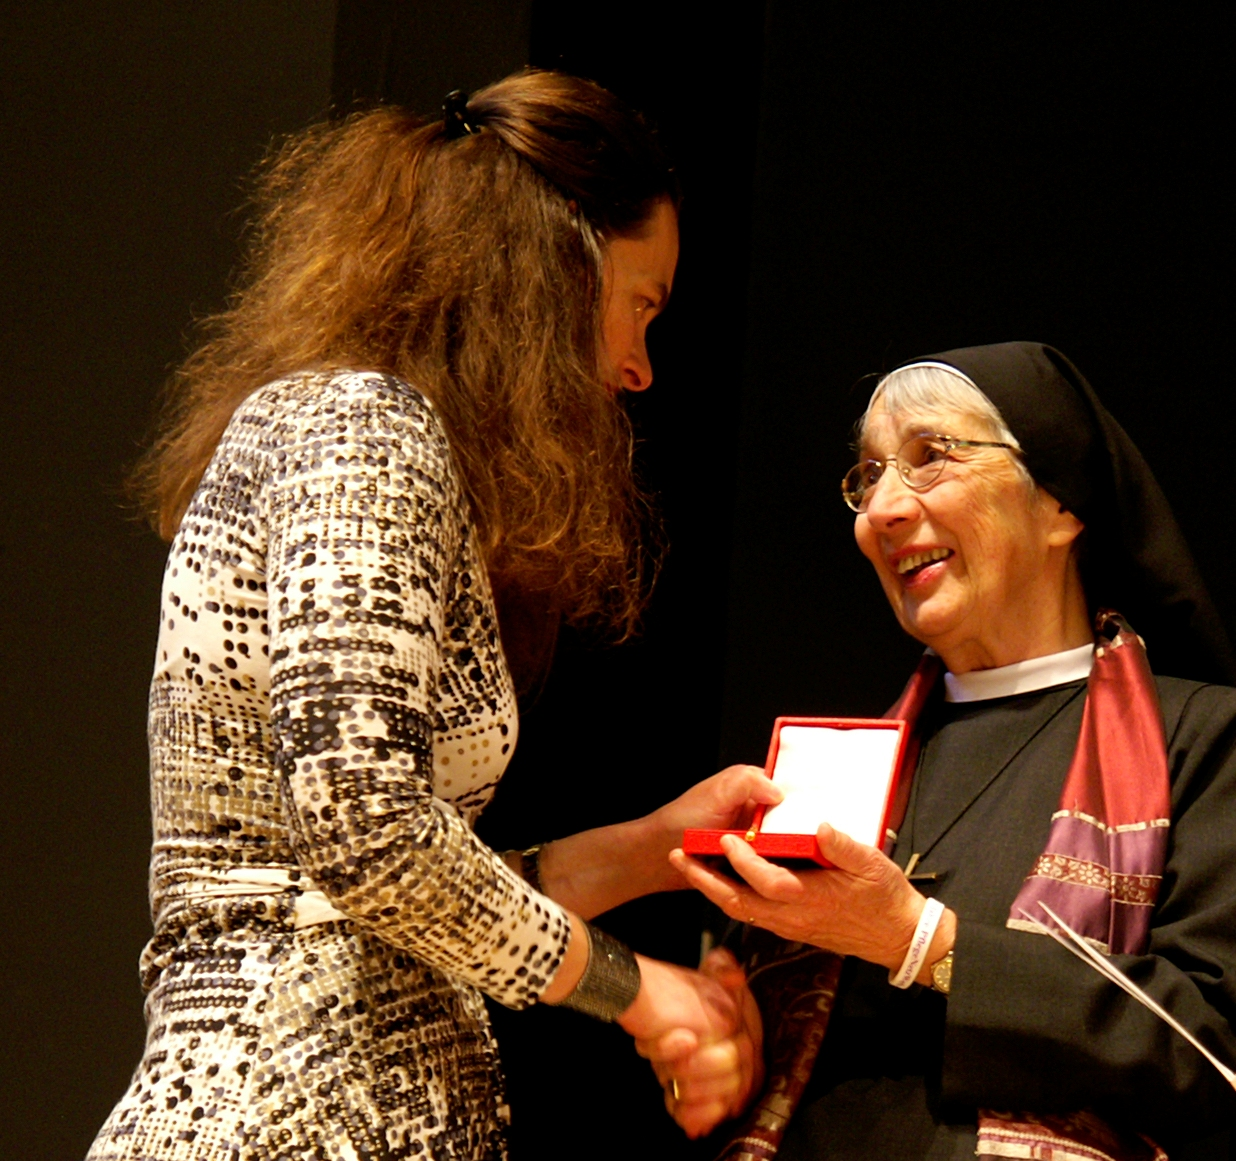 Hohe staatliche Ehrung für Sr. Liliane Juchli: Goldenes Ehrenzeichen für Verdienste um die Republik